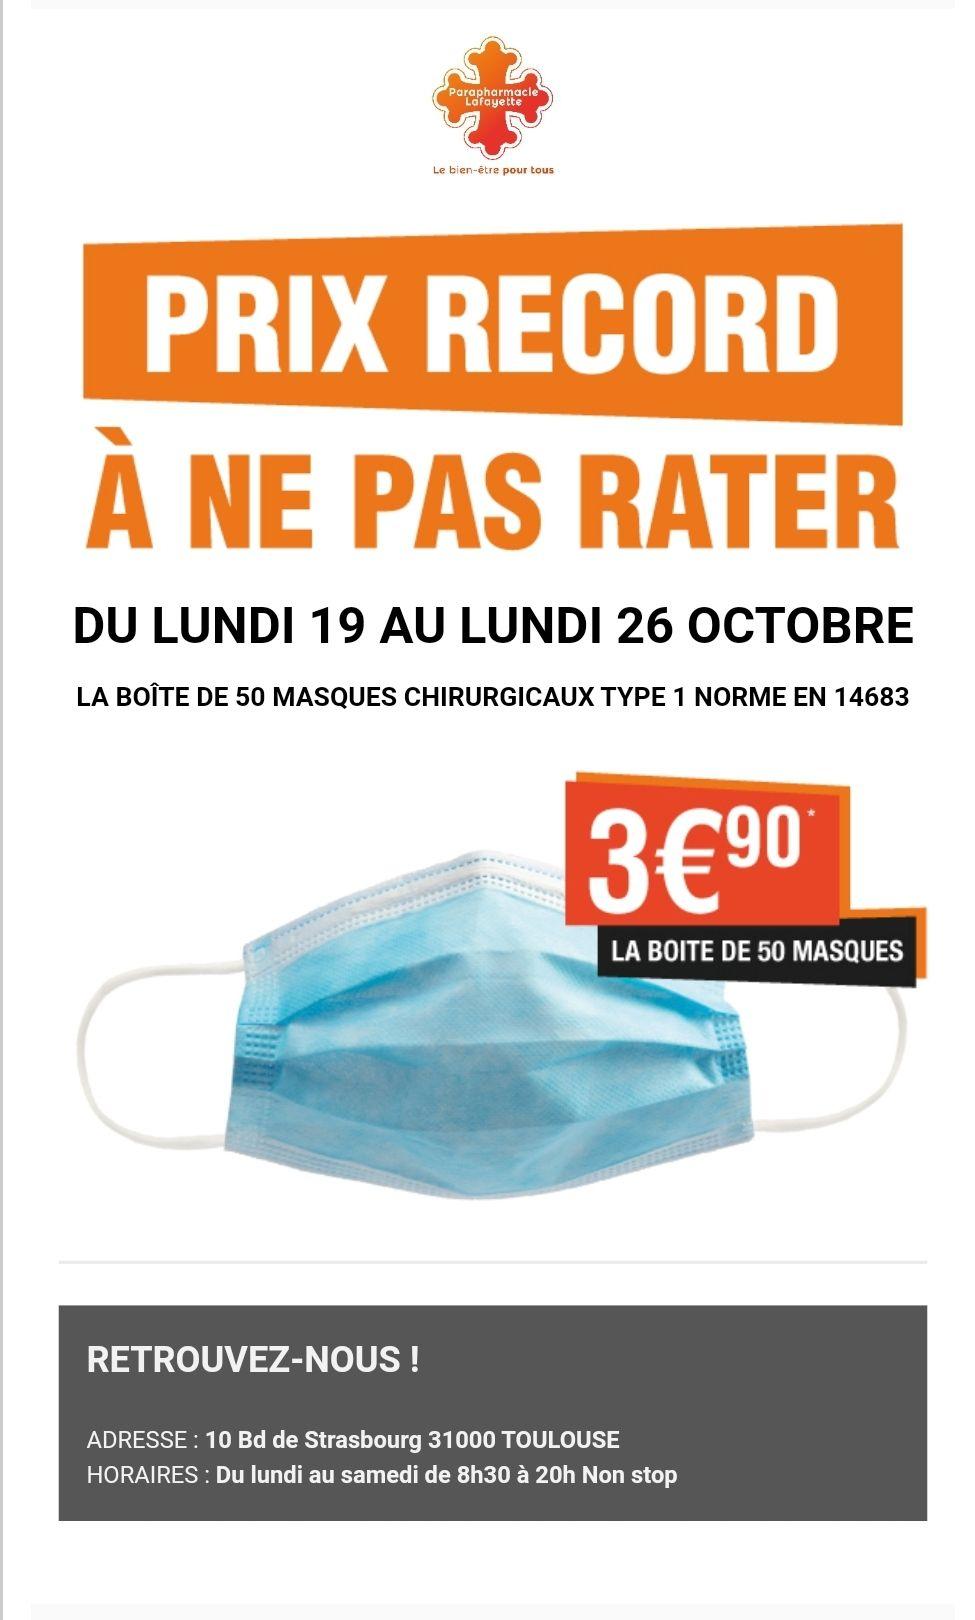 Lot de 50 masques chirurgicaux (Type 1, Norme CE) - Parapharmacie Lafayette à Toulouse (31)